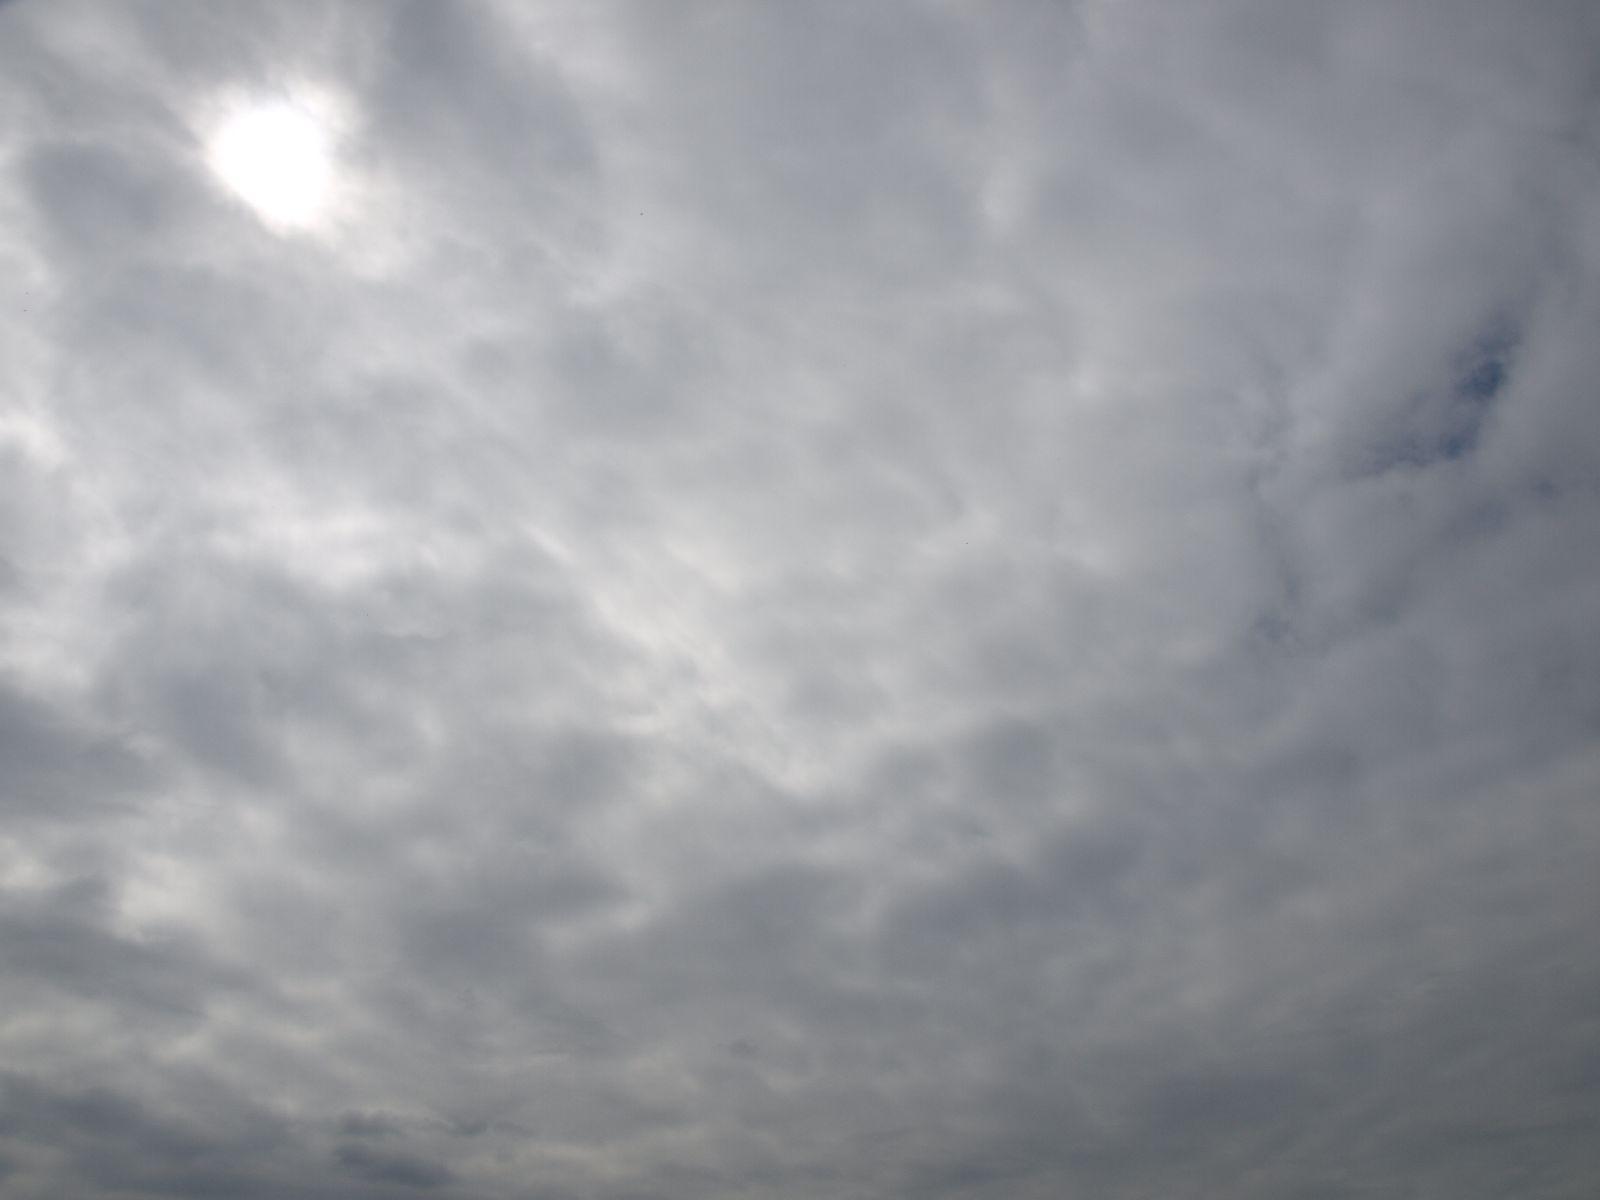 Himmel-Wolken-Foto_Textur_A_P4261818